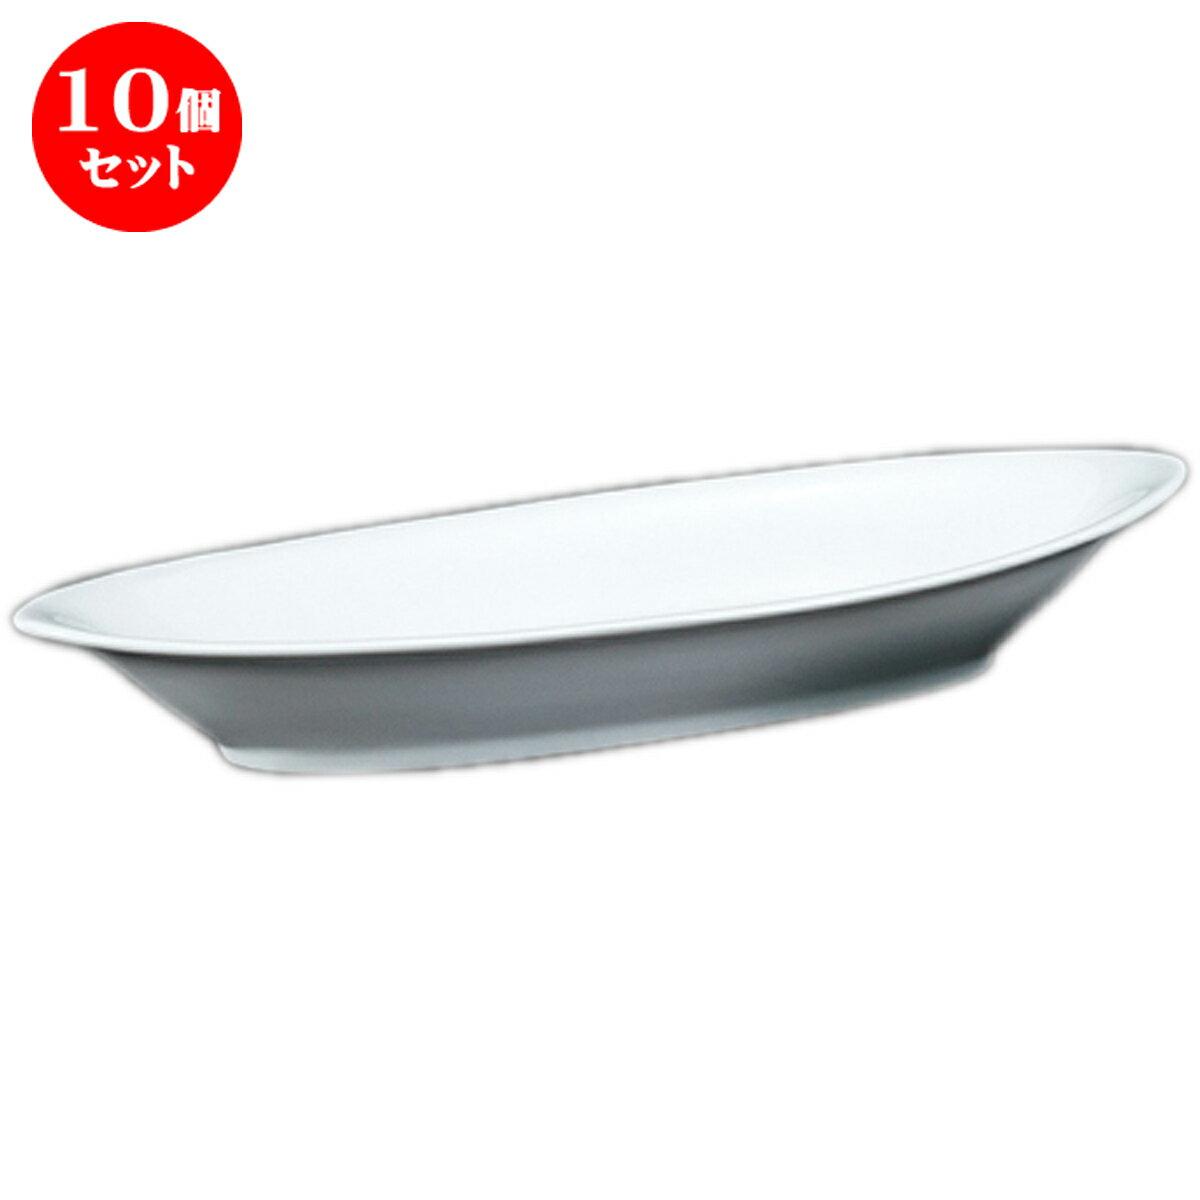 10個セット☆ 洋陶オープン ☆ コロラド ボートプレート(L) [ 36.5 x 16 x 4.5cm ]